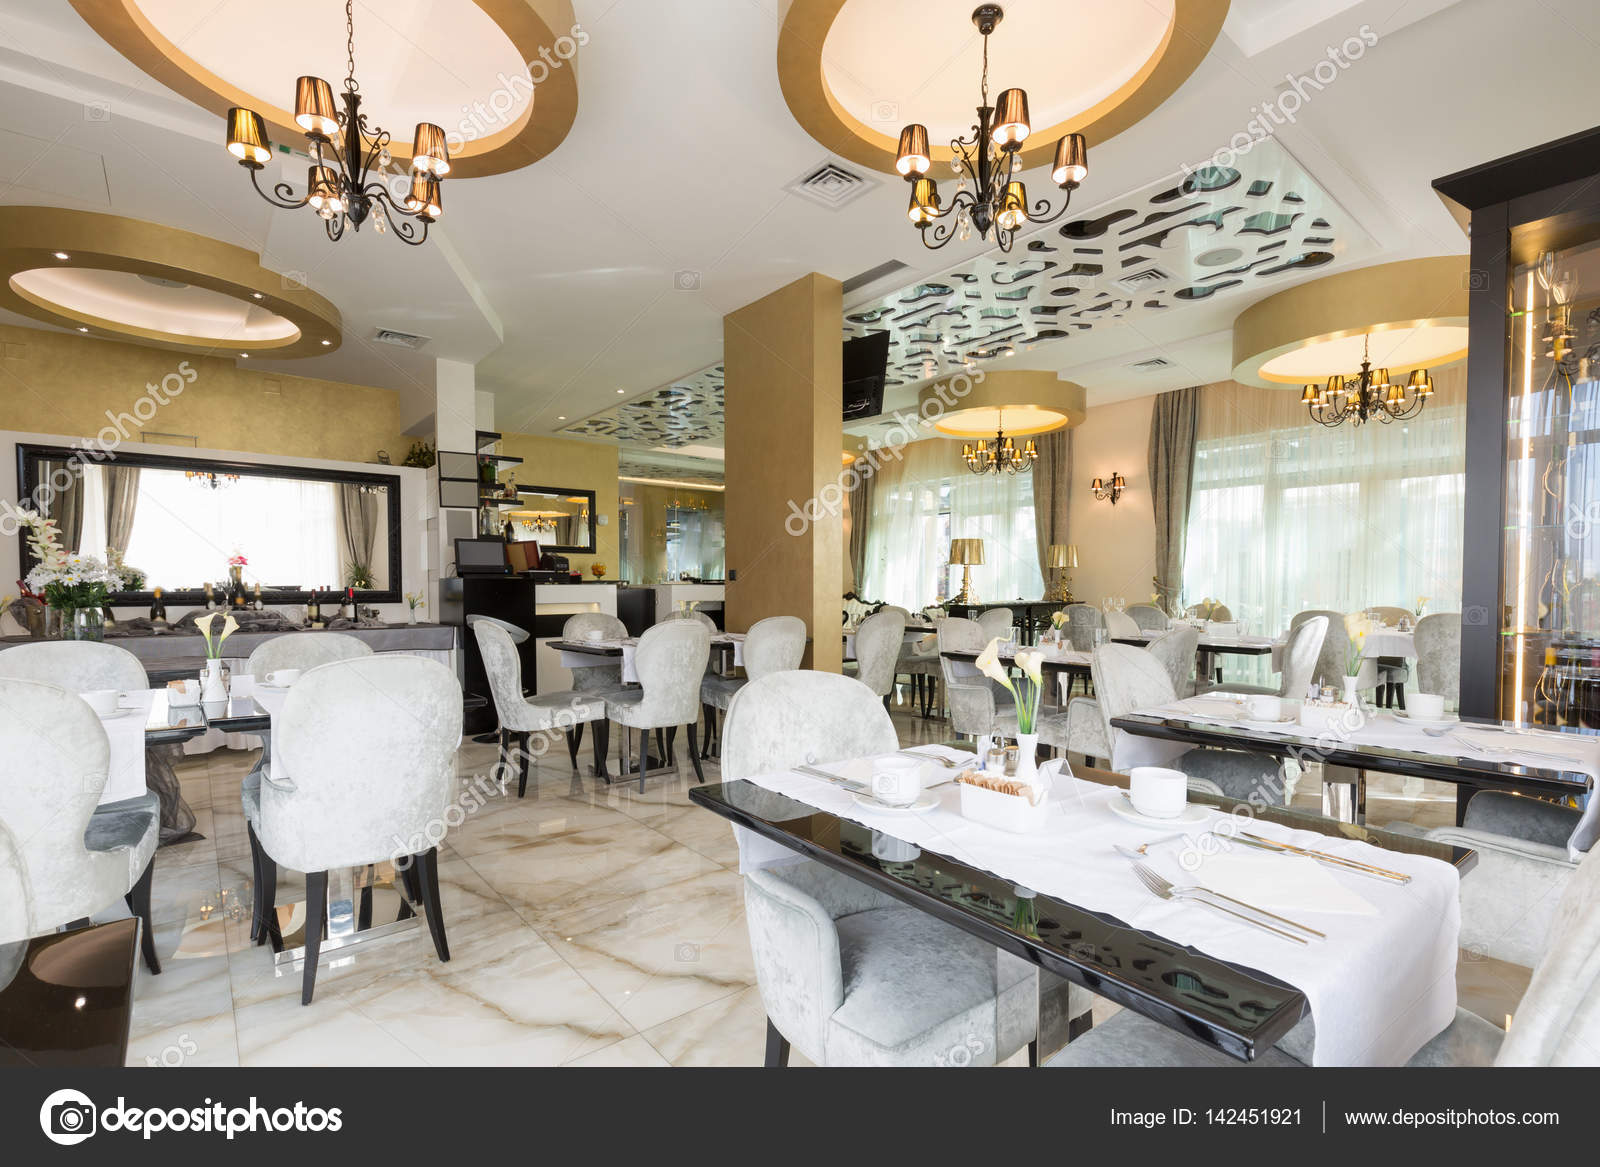 Hotel Di Lusso Interni : Interni di un ristorante di hotel di lusso moderno u2014 foto stock